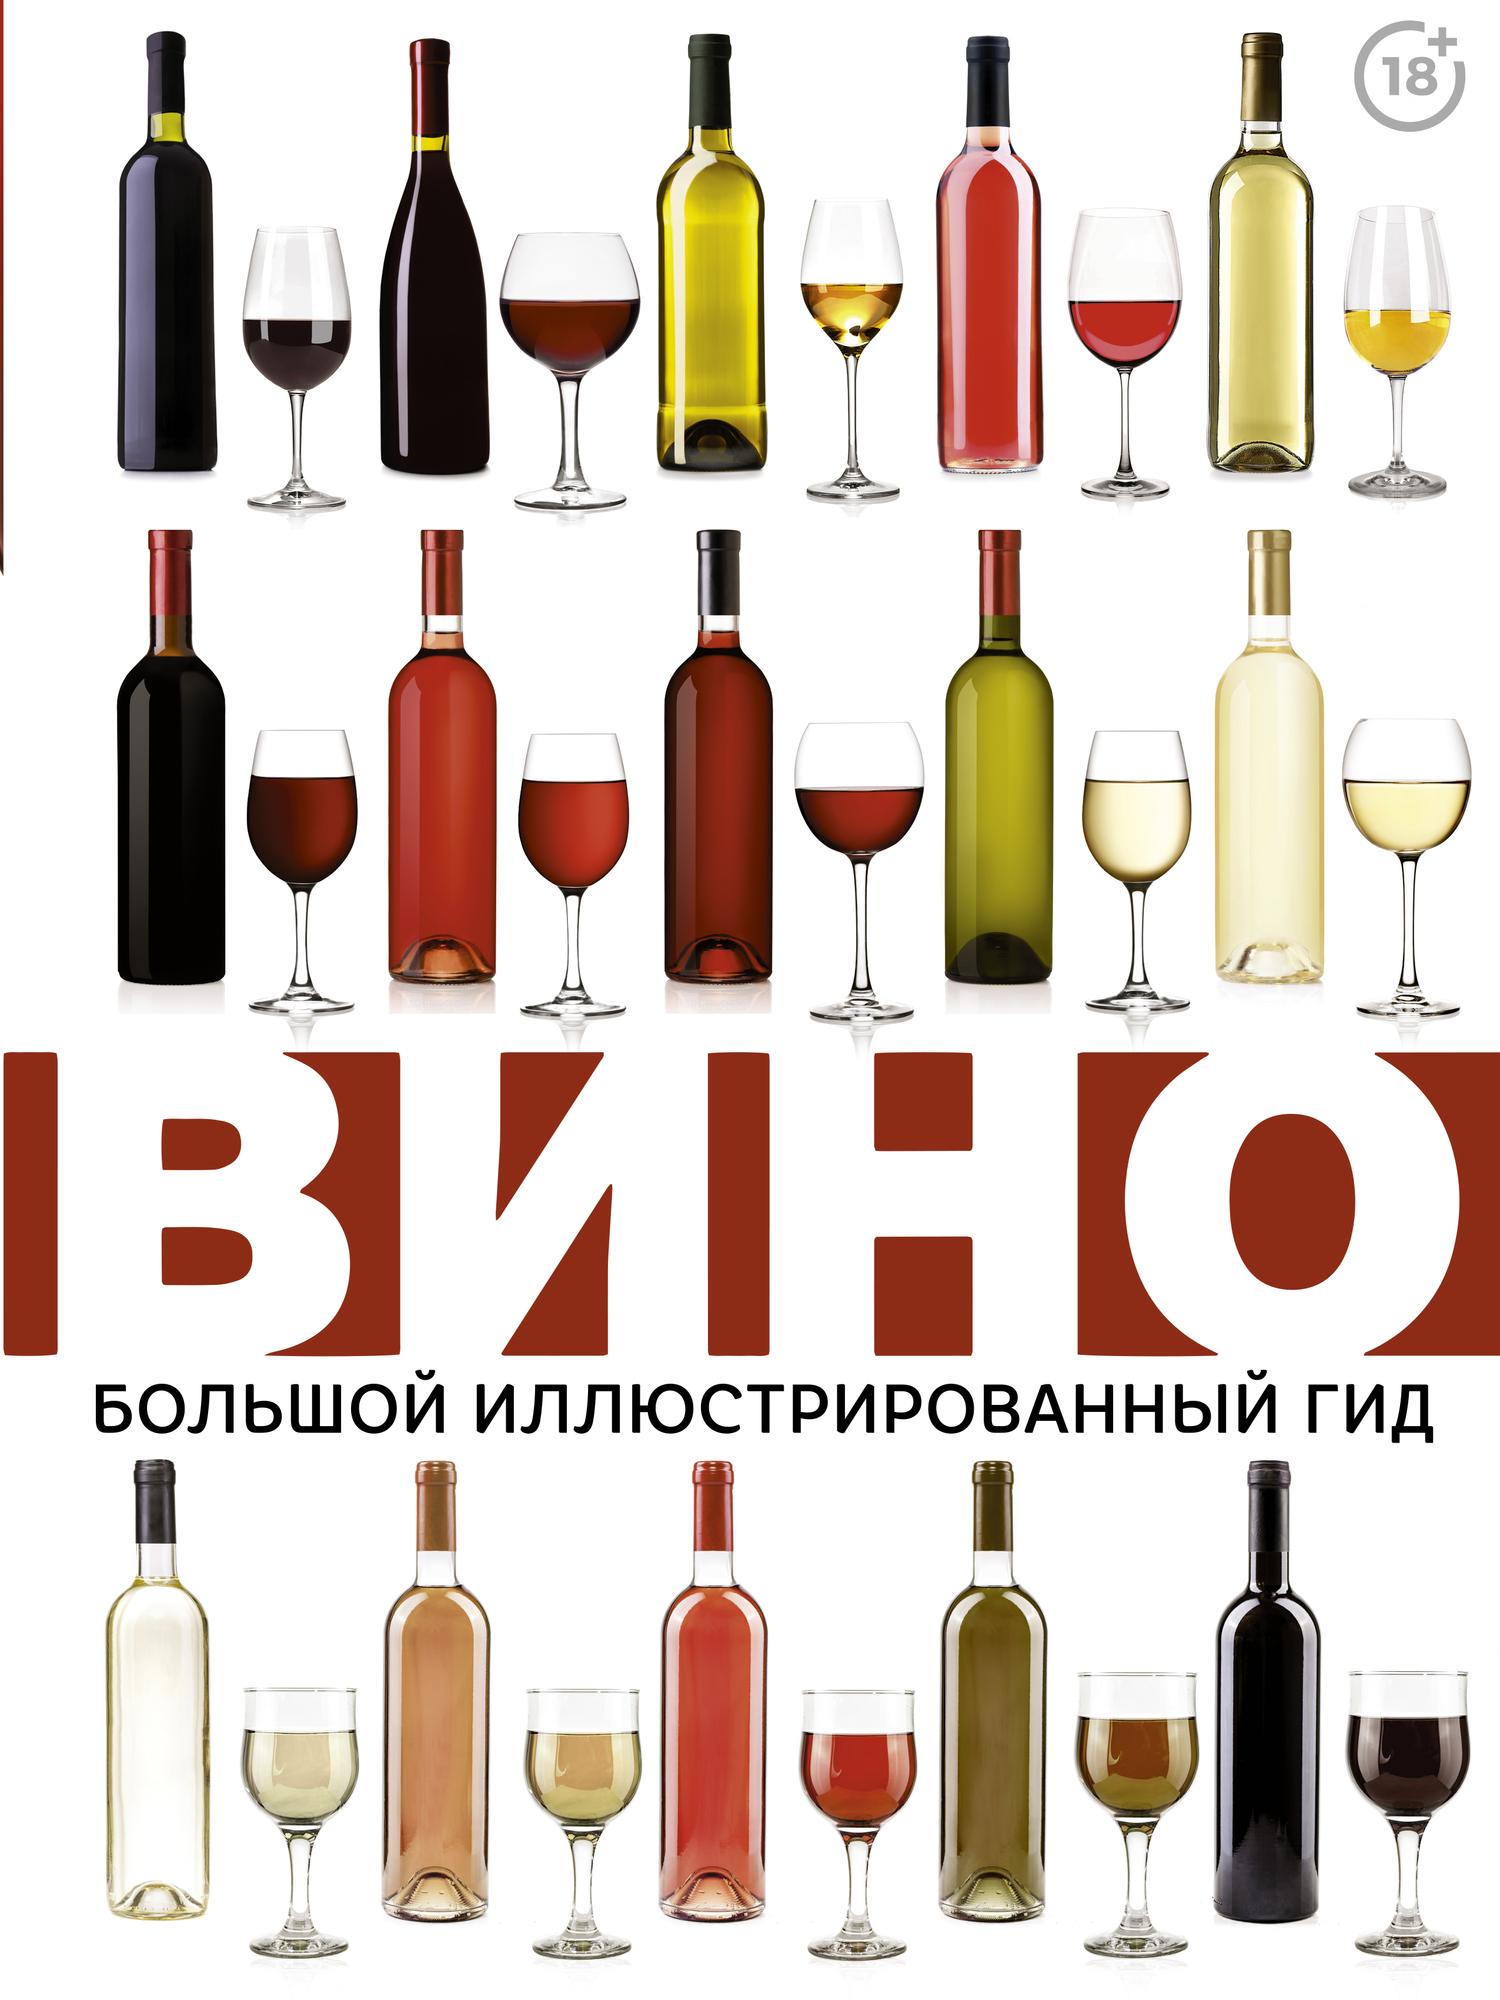 Марк Шпаковский Вино. Большой иллюстрированный гид